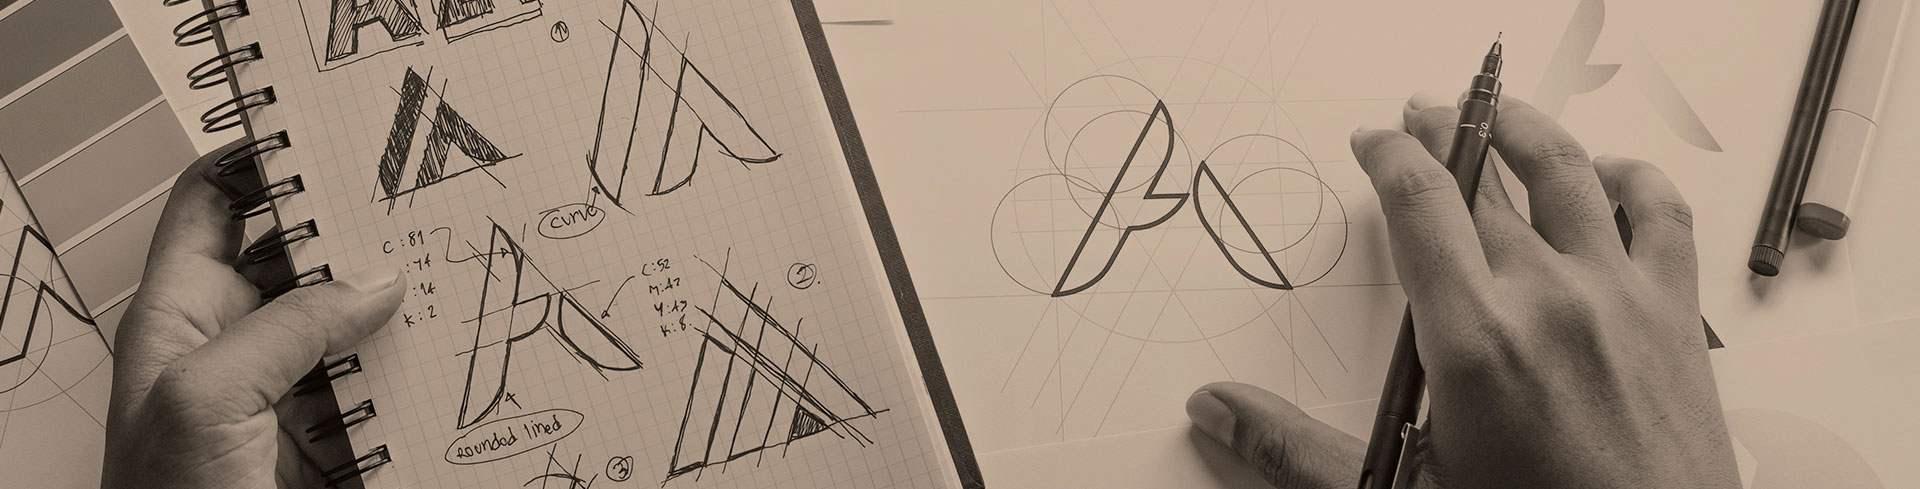 Curso Branding: Herramientas para el desarrollo de una marca.